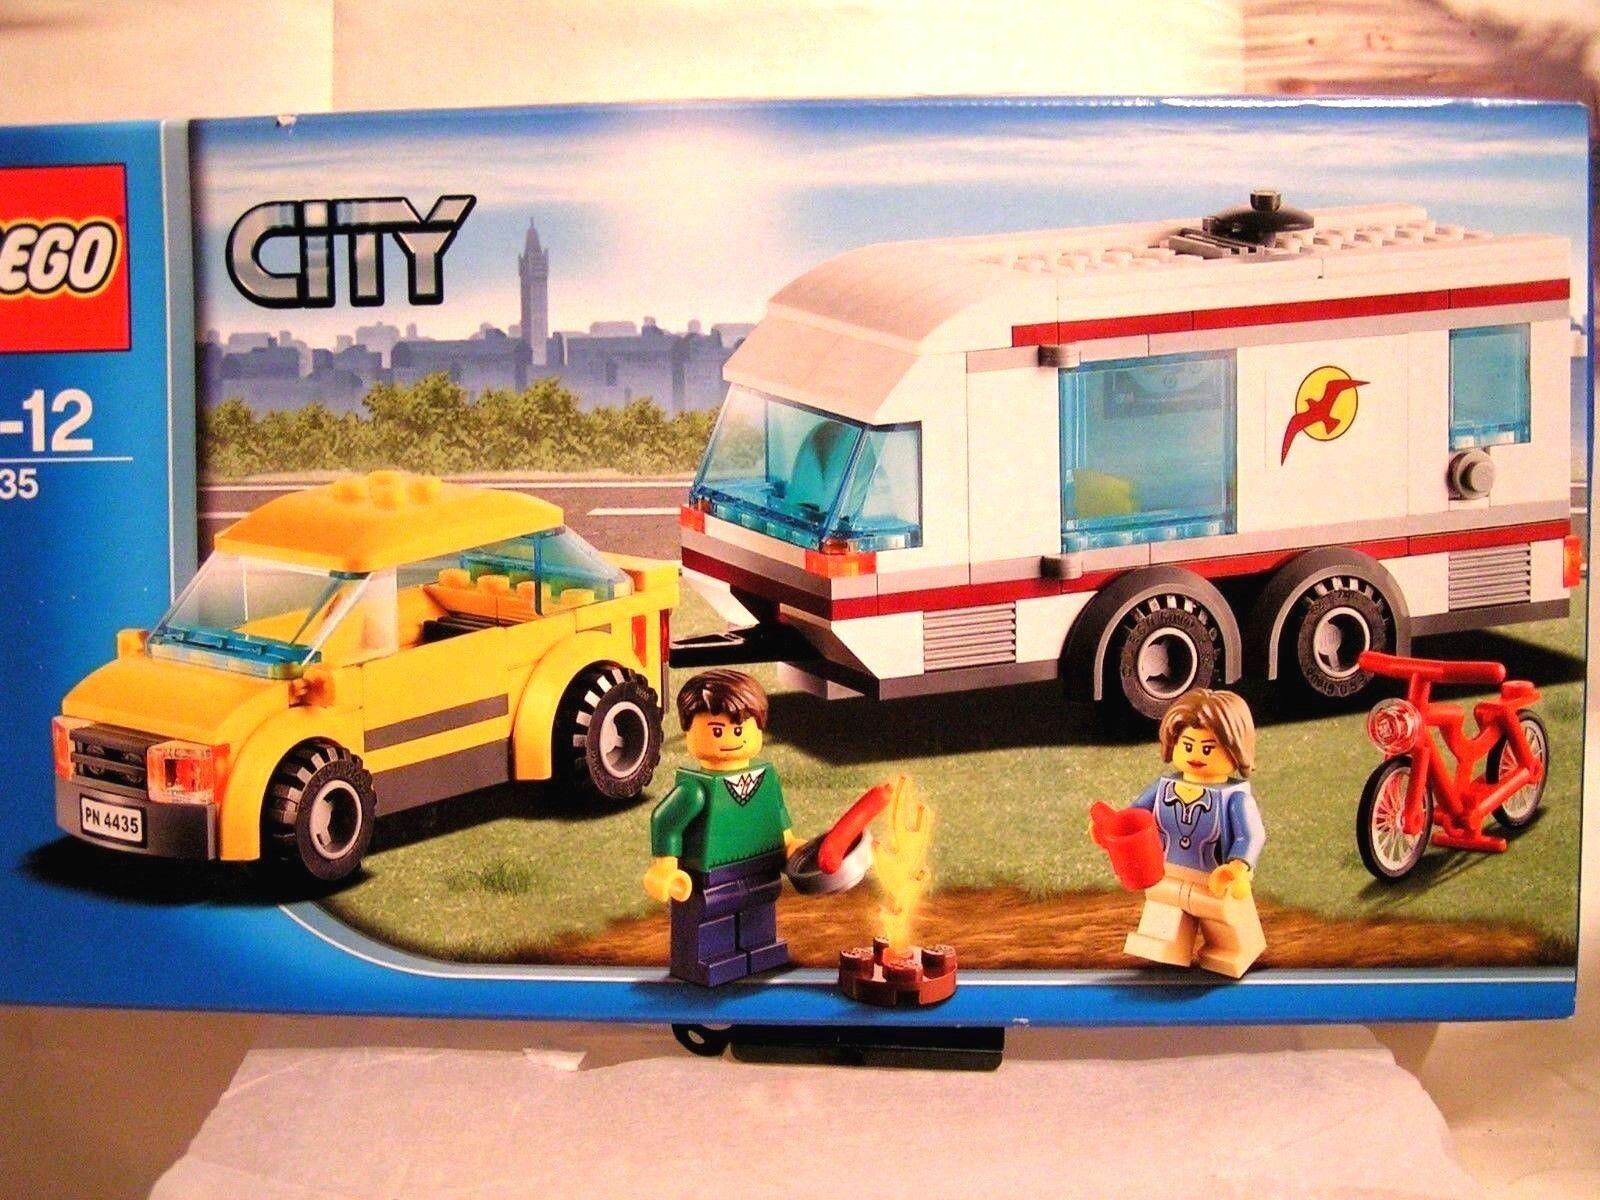 LEGO città - LA PETITE VOITURE  ET LA GROSSE autoAVANE EN BOÎTE SCELLEE (ref 4435)  Sconto del 70% a buon mercato